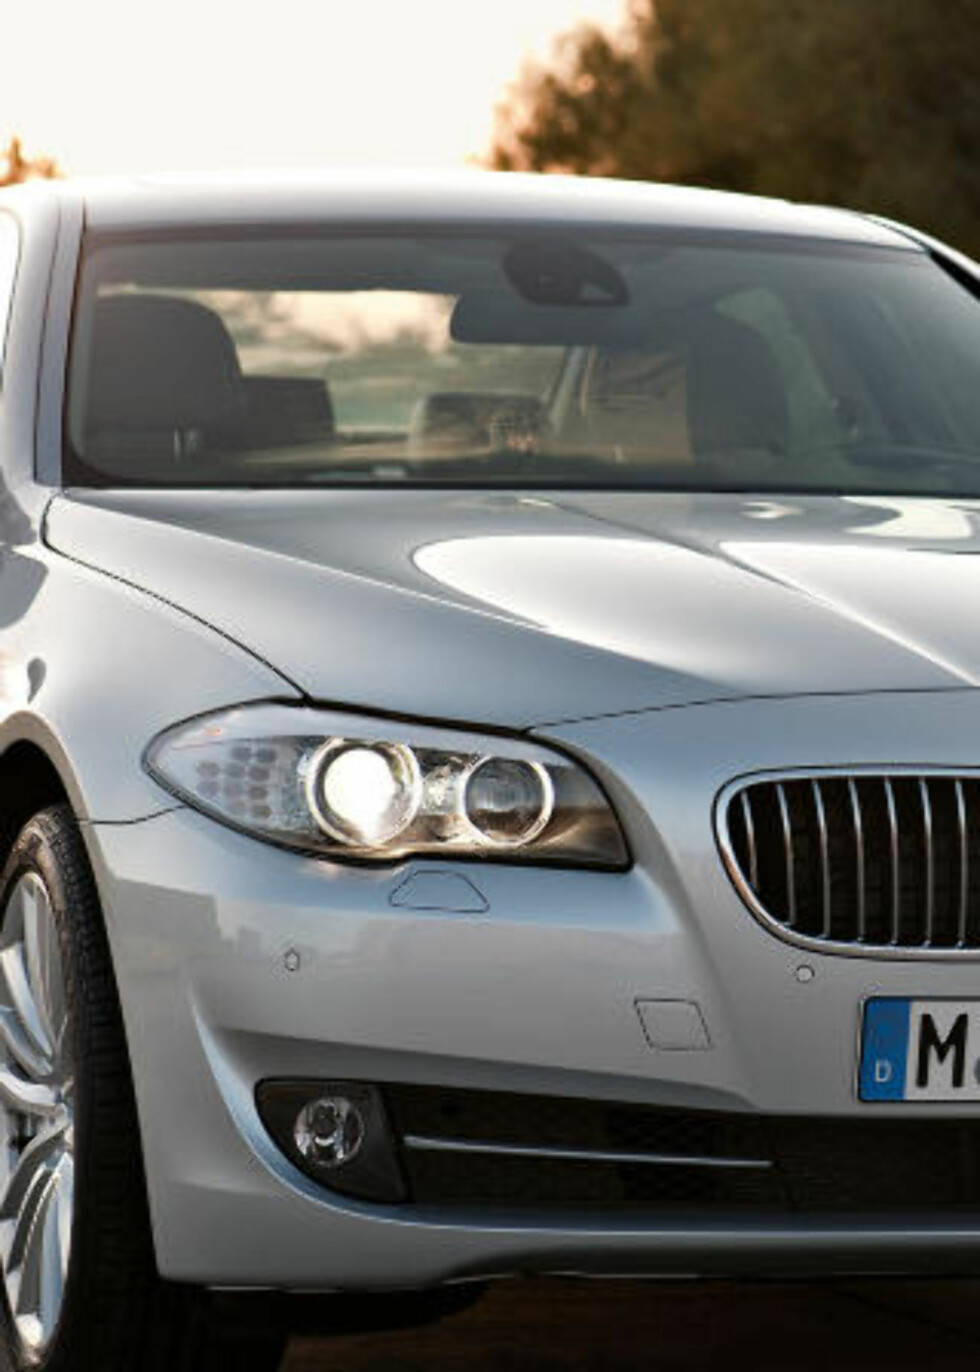 NORSK FAVORITT: 5-serien kombinerer BMWs sportslige image med forbedret komfort. Foto: SCANPIX